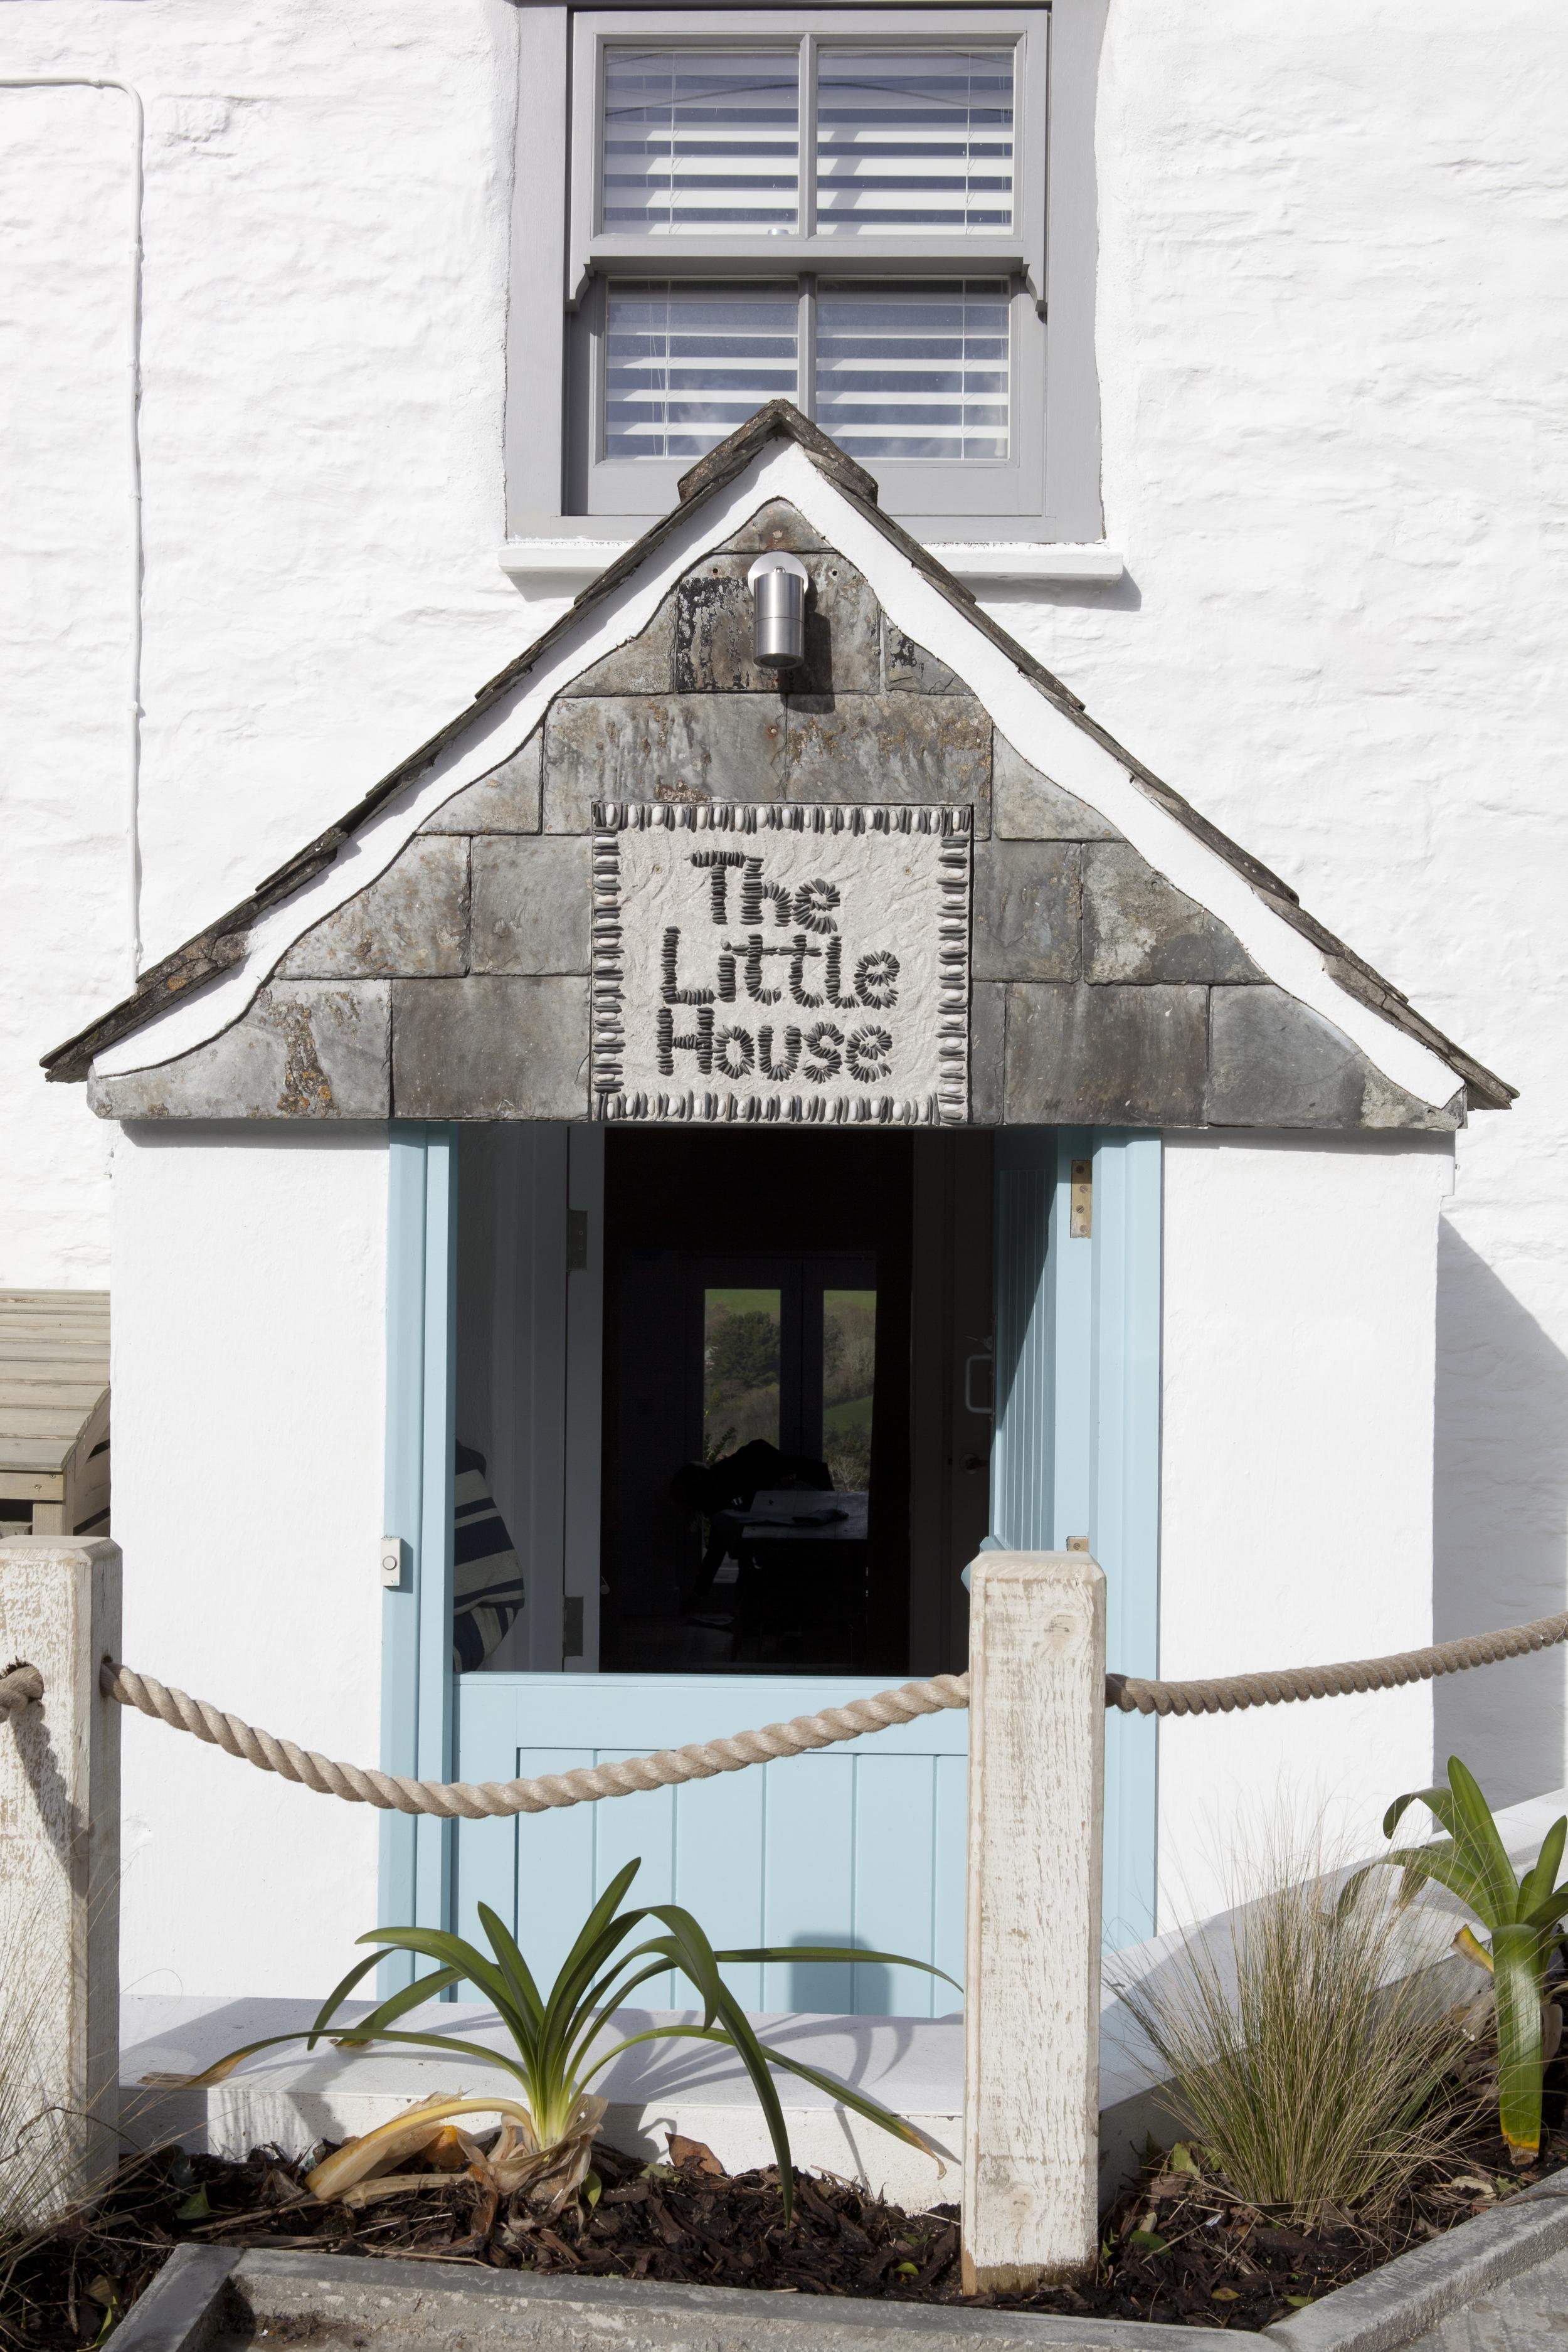 the little house IMG_4992.jpg